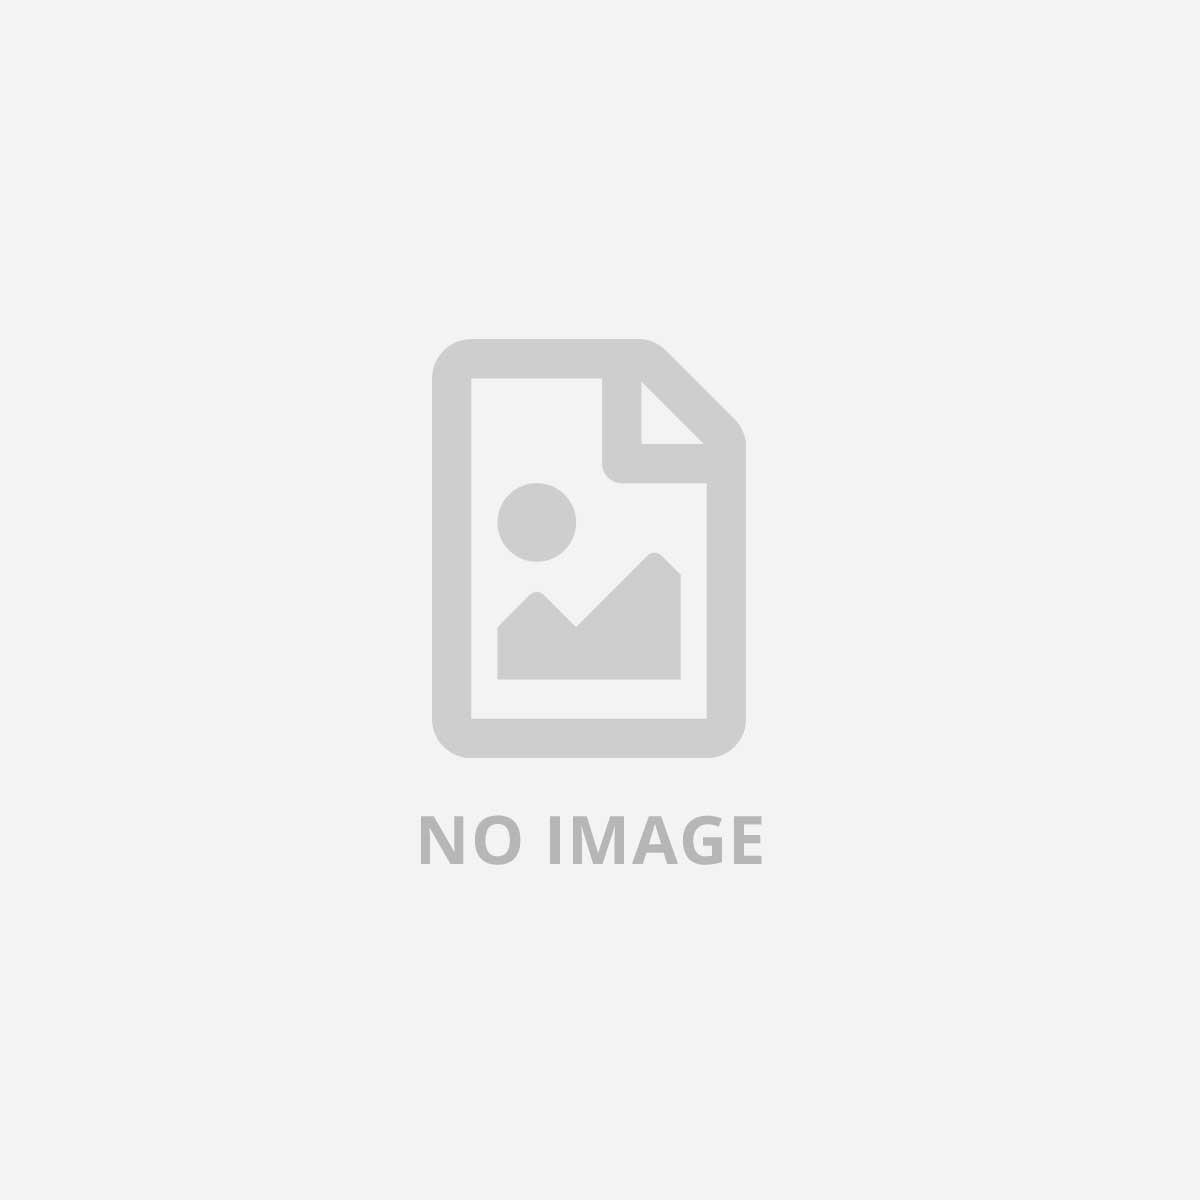 SONY PS4 PRO GAMMA